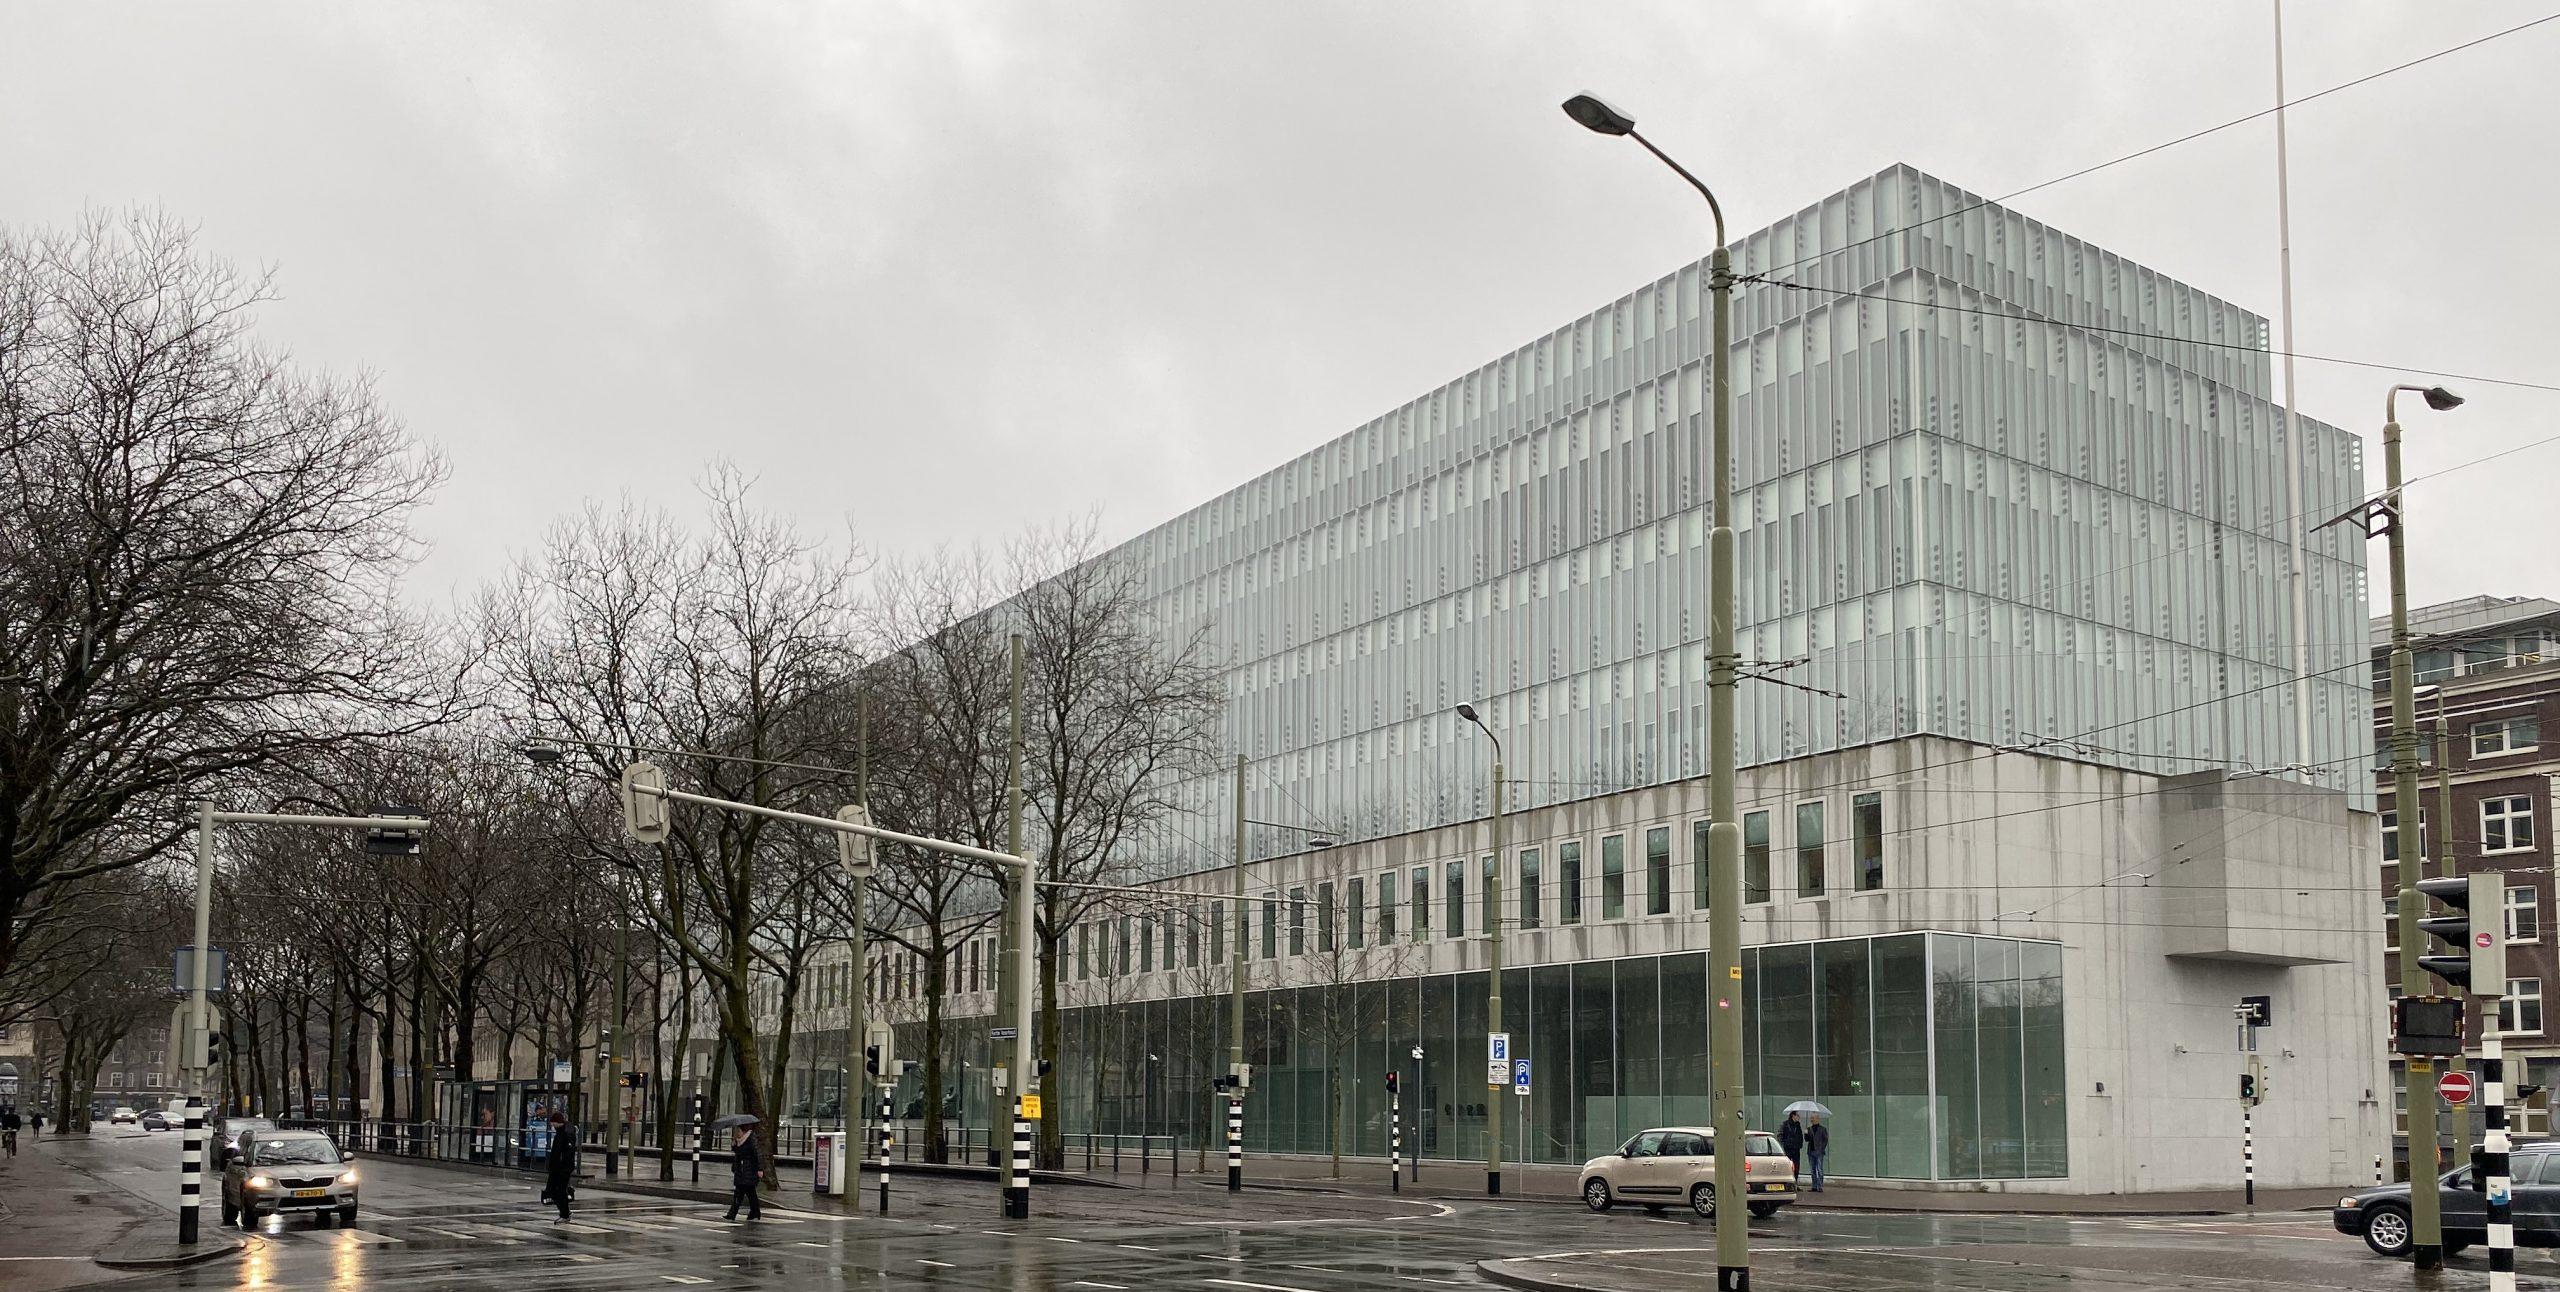 Korte Voorhout.wg - - van Swaaij Cassastie & Consultancy - cassatieadvocaat - cassatie advocaat